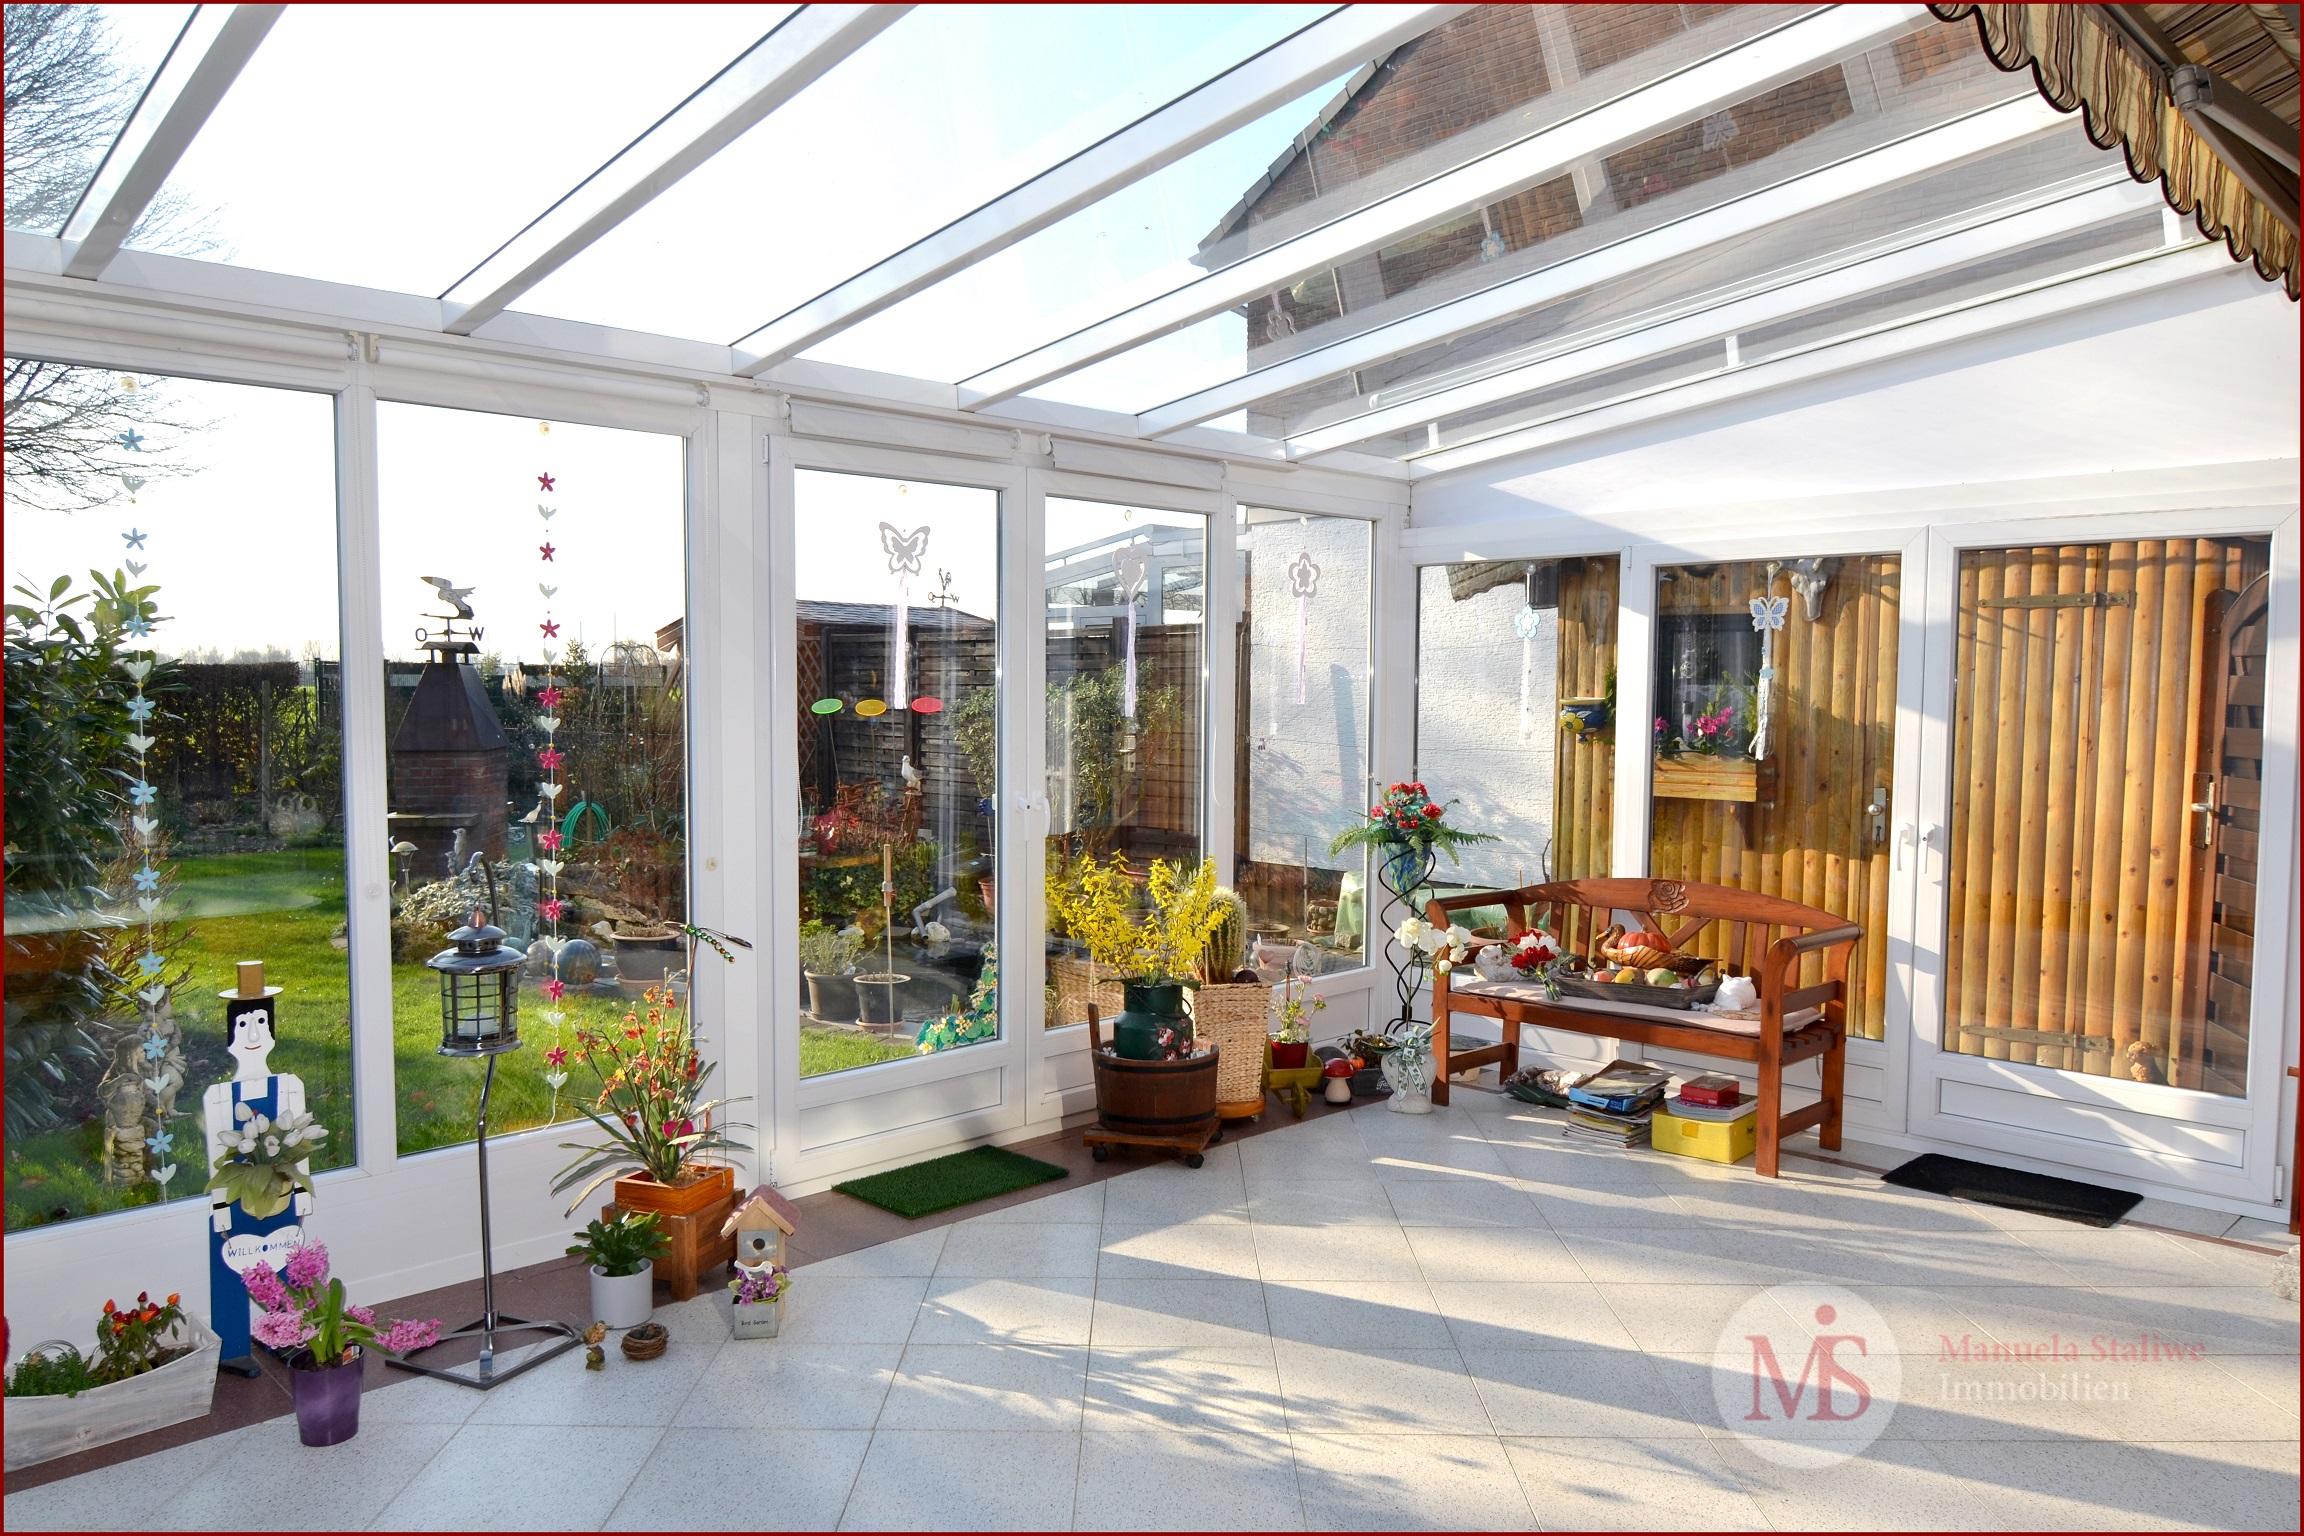 Manuela Staliwe Immobilien Großzügige Doppelhaushälfte mit